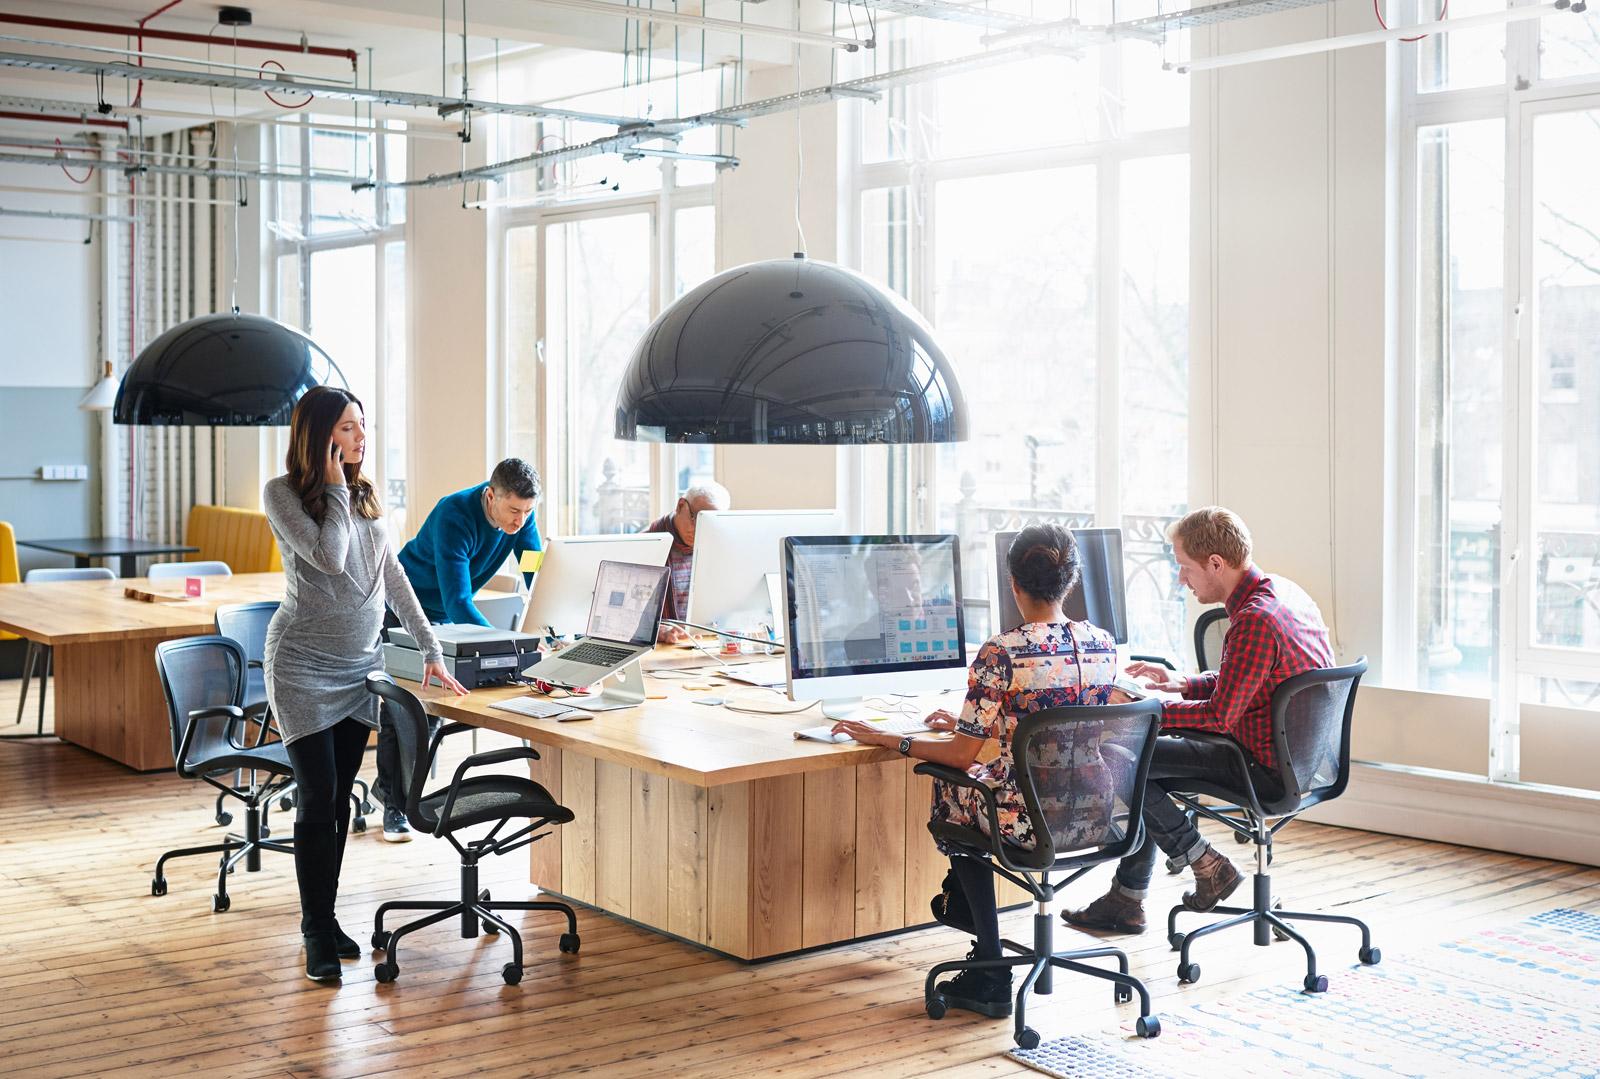 آموزش مکالمه غیر رسمی در دفتر کار در زبان انگلیسی